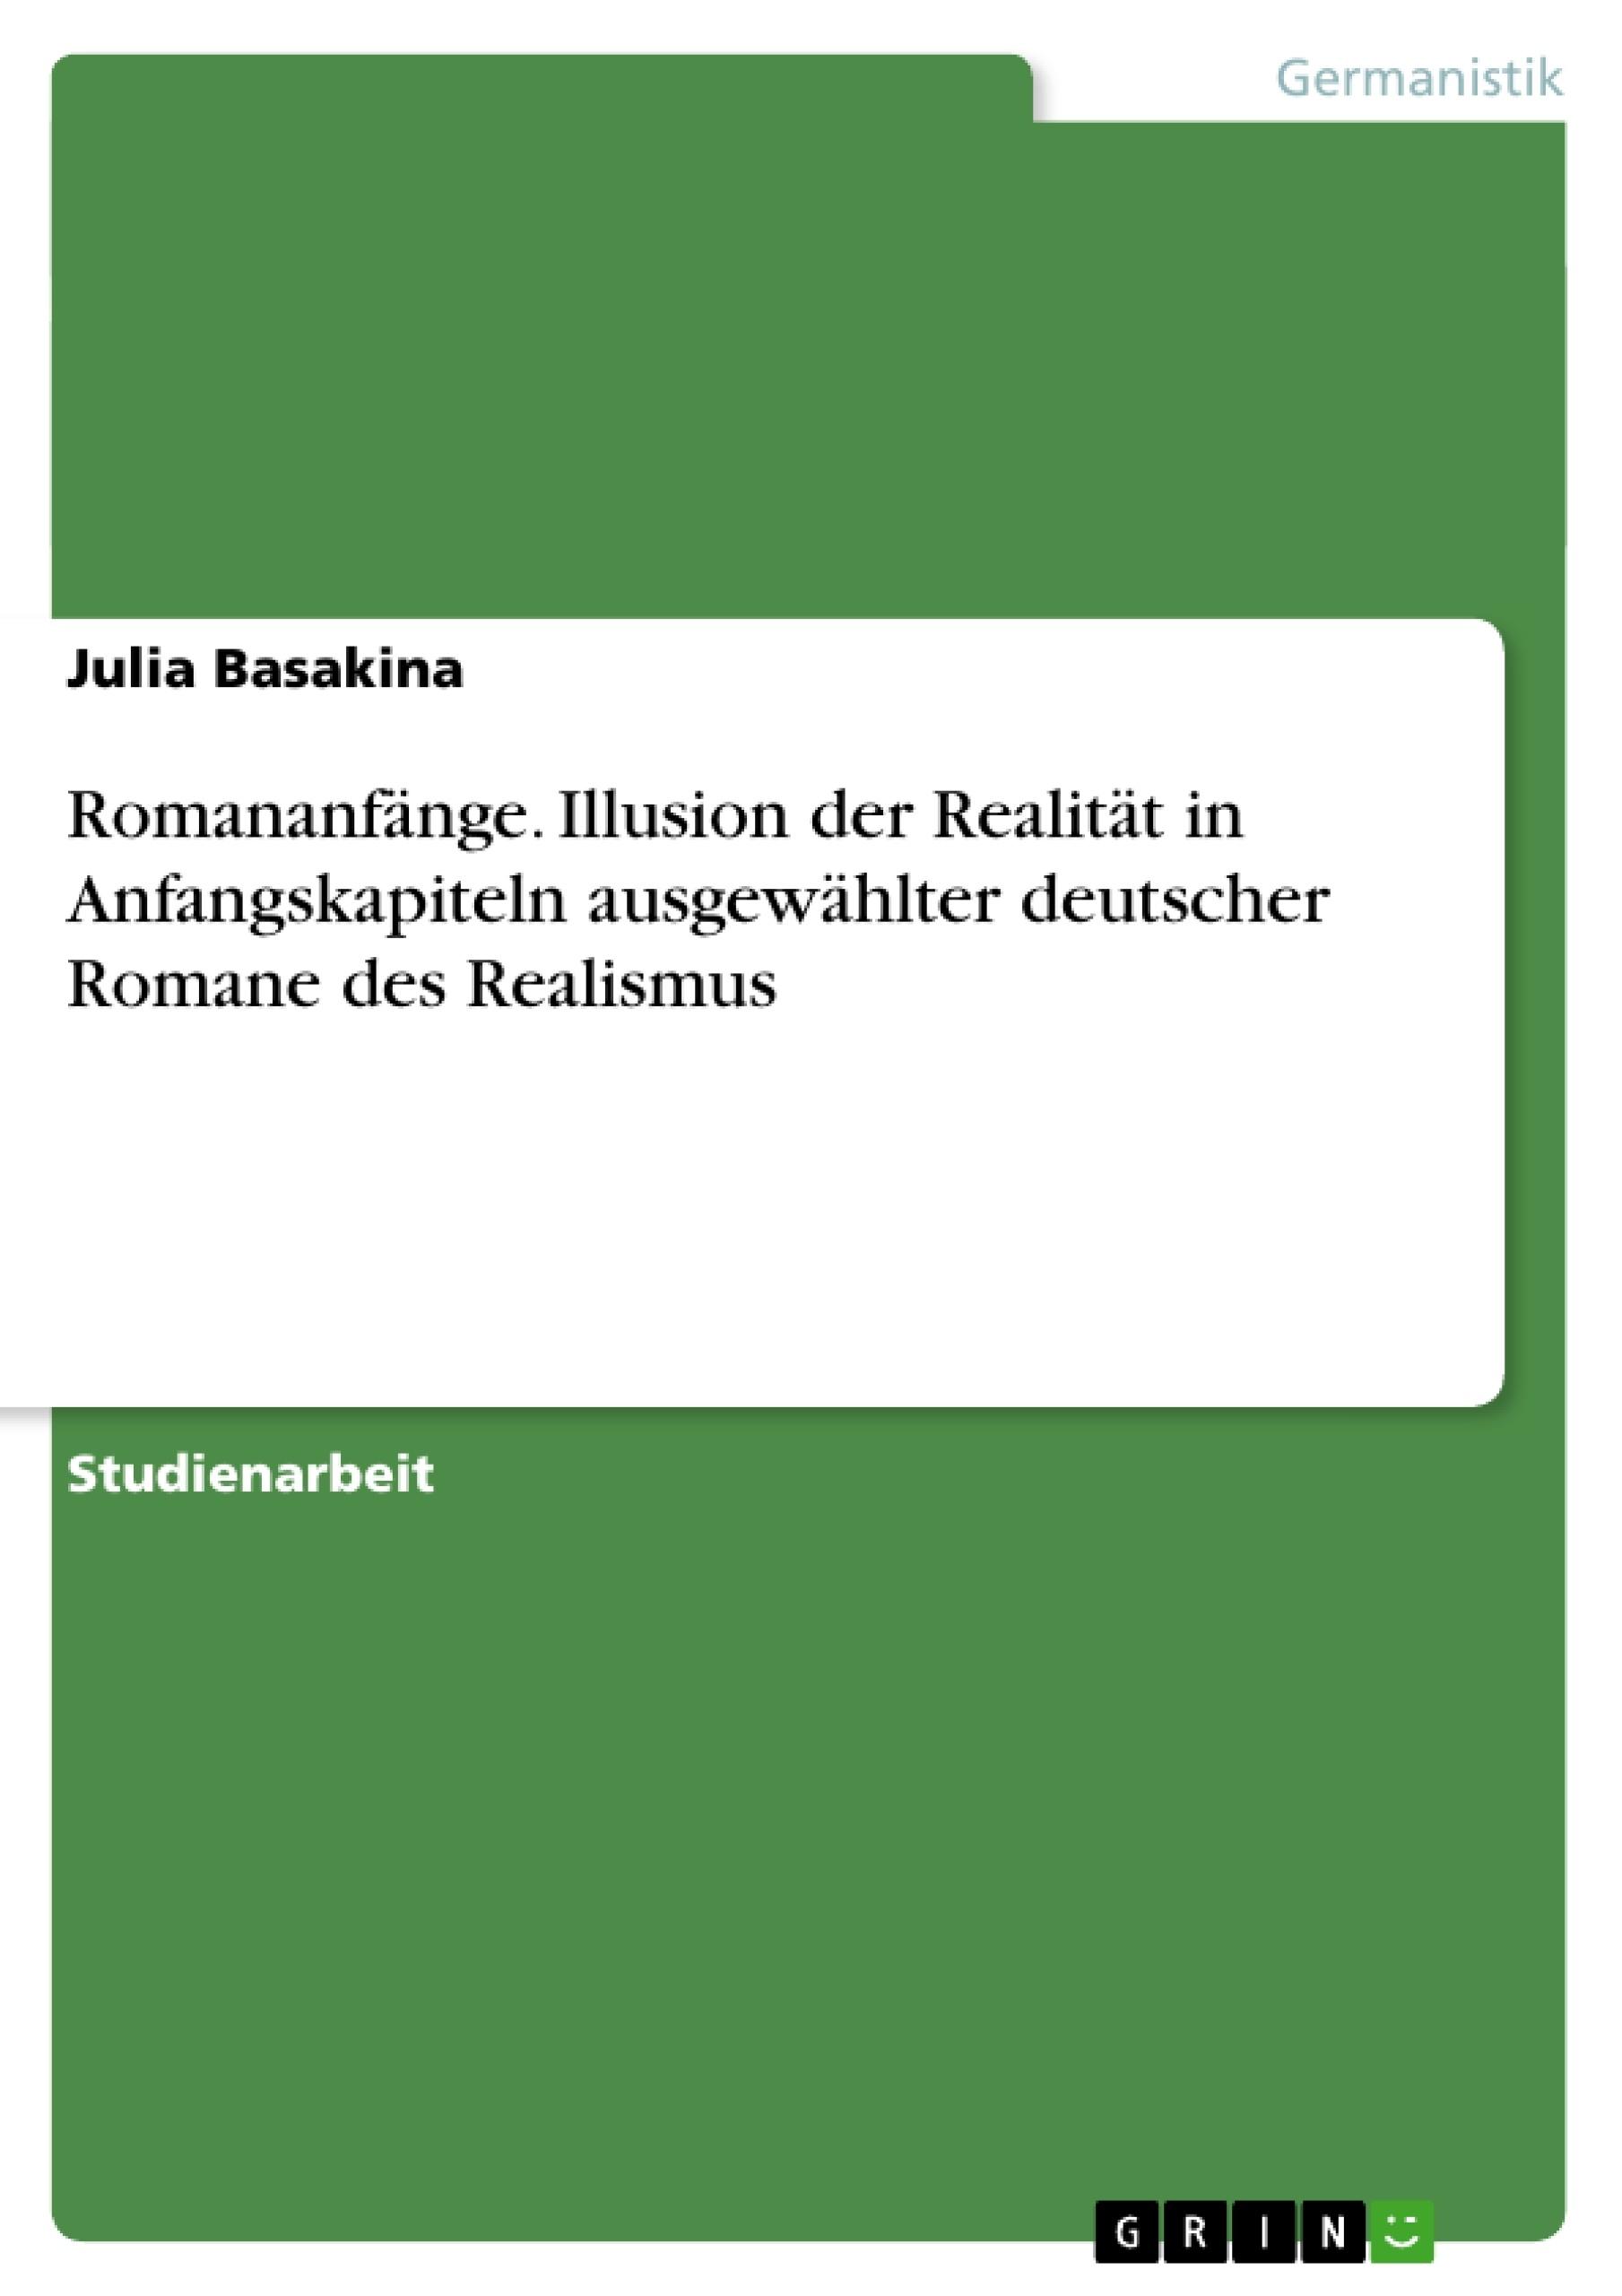 Titel: Romananfänge. Illusion der Realität in Anfangskapiteln ausgewählter deutscher Romane des Realismus